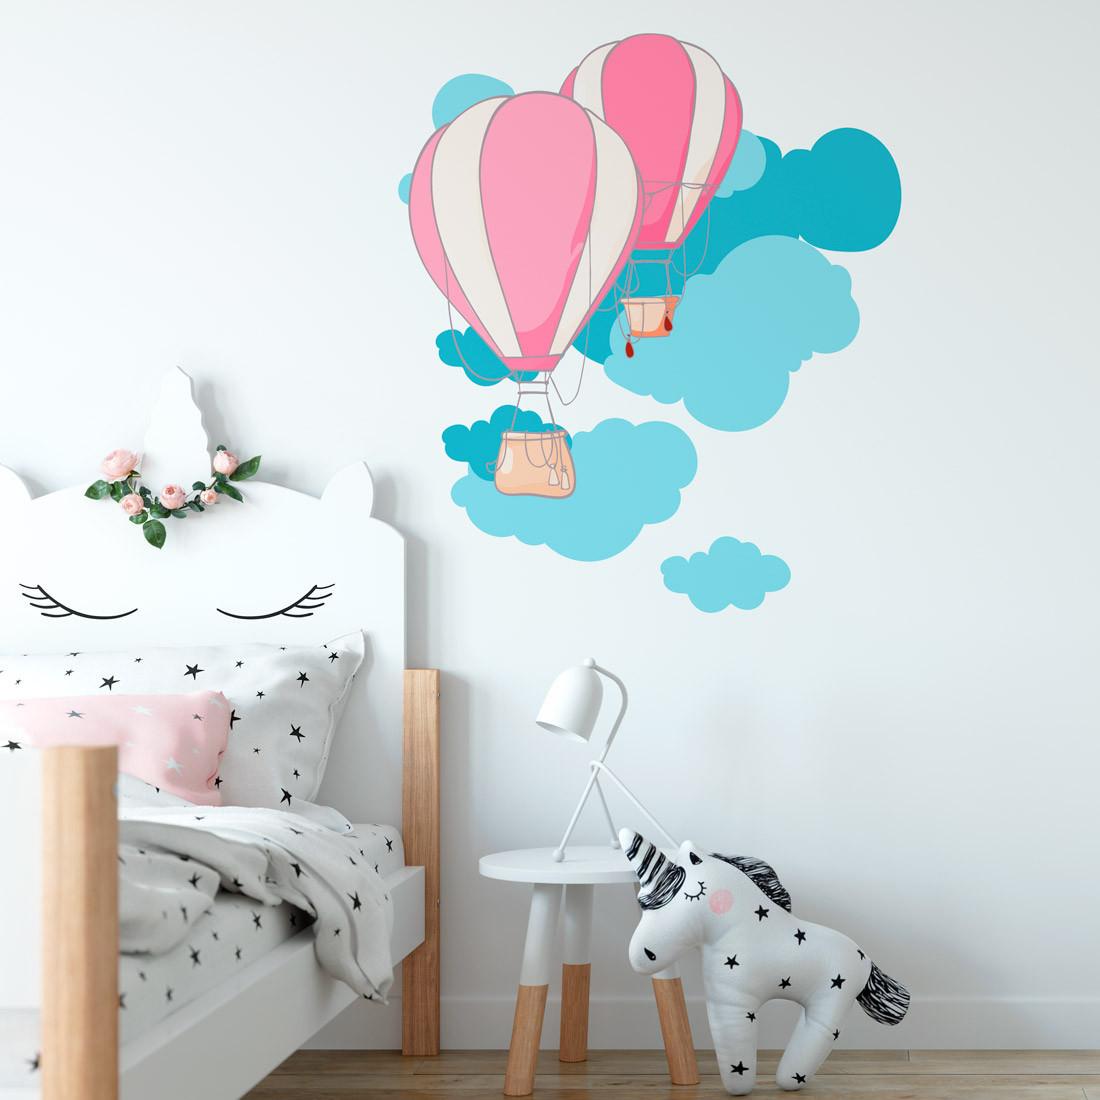 Adesivo de Parede Infantil Balões Rosa e Nuvens